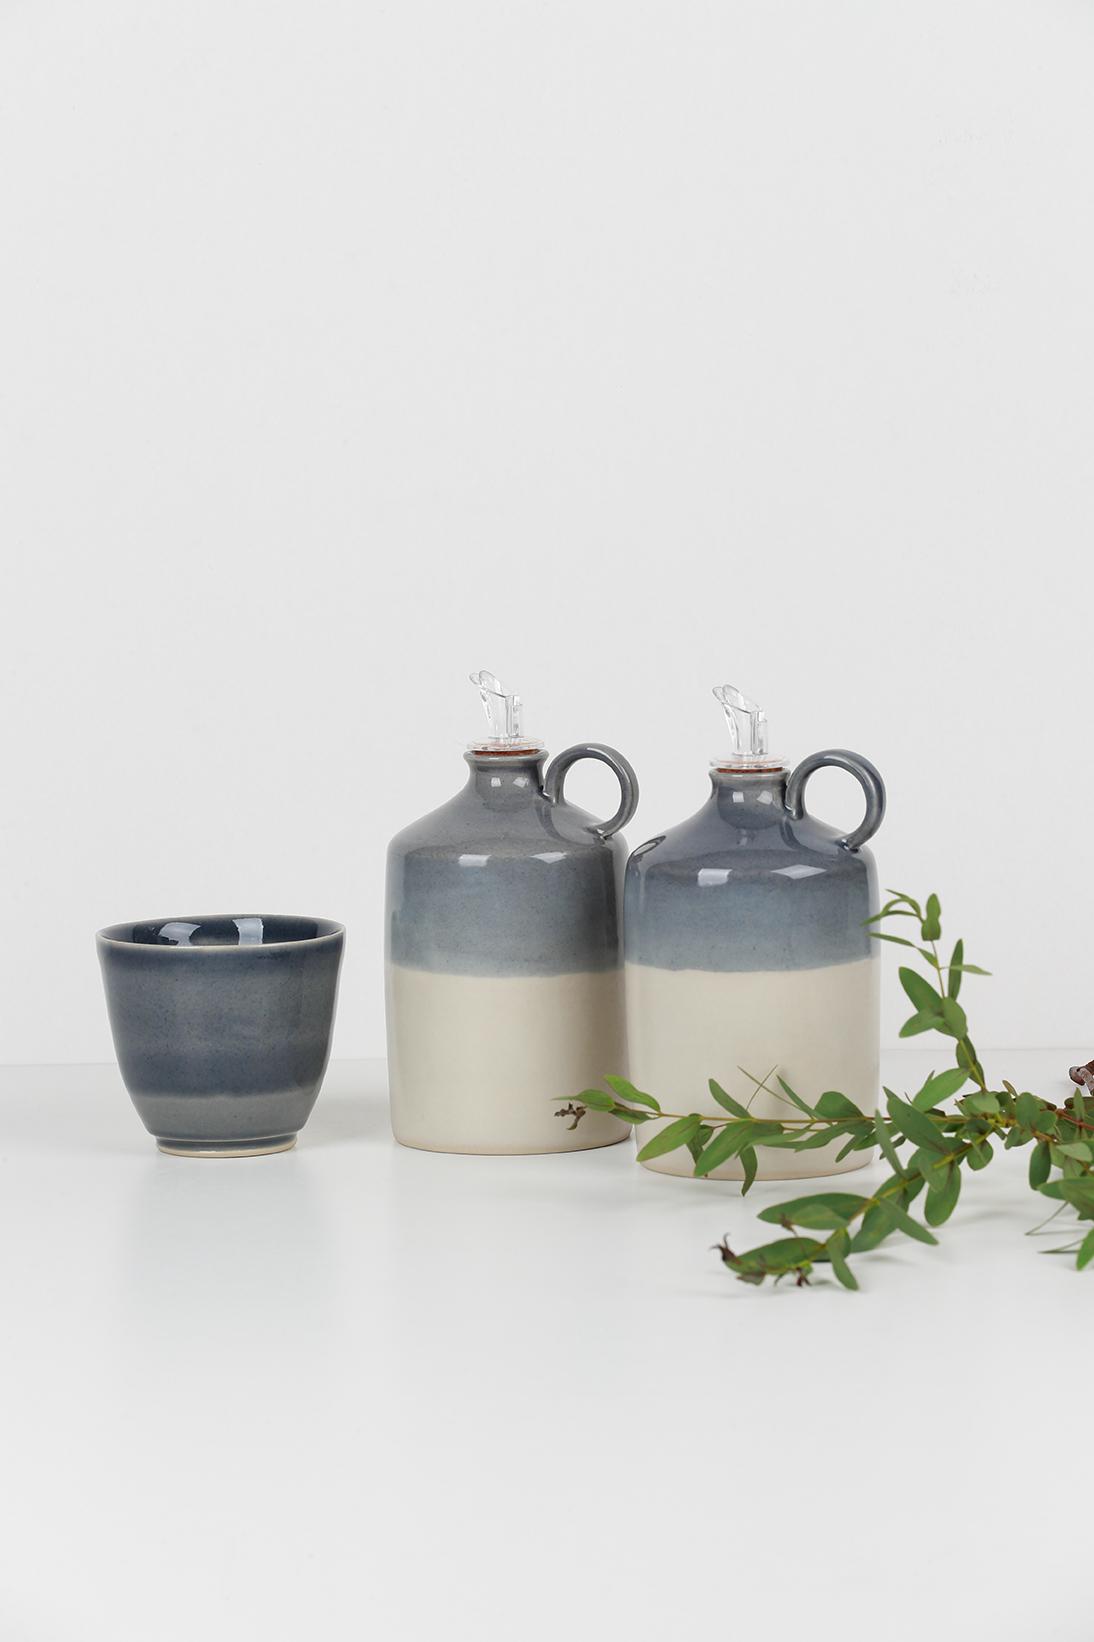 Composition collection BICROME - une tasse et deux bouteilles d'huile d'olive en grès - Couleur grise et blanche